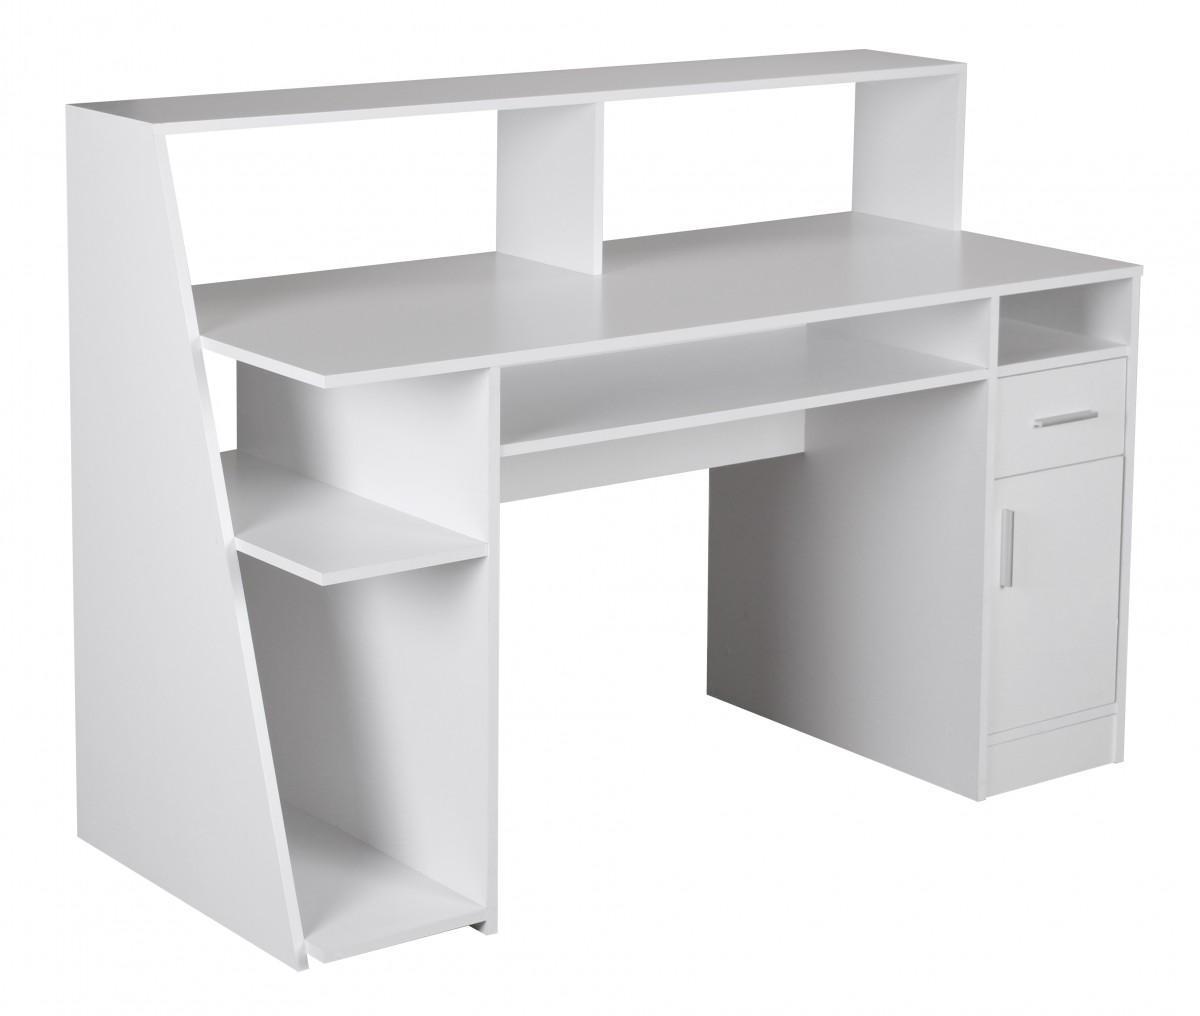 scrivania per computer virginia ampio spazio porta oggetti e vari ripiani bianco scrivania. Black Bedroom Furniture Sets. Home Design Ideas